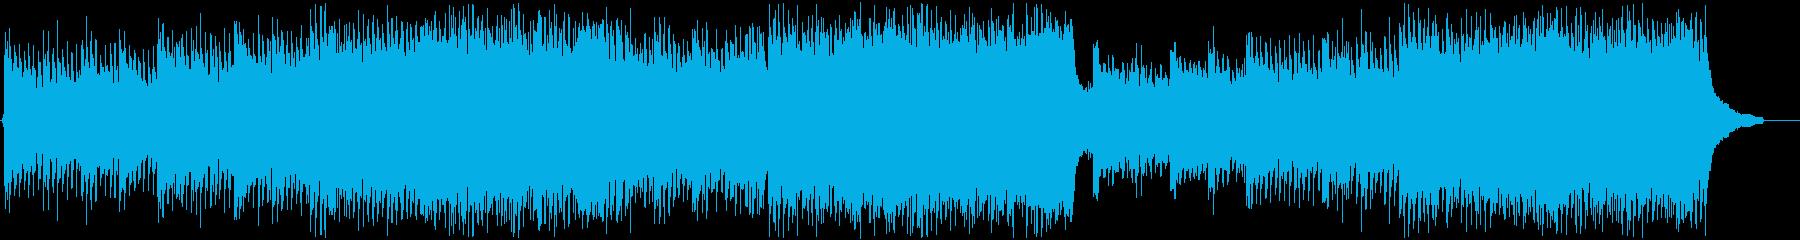 【企業VP】透明感・期待感のあるピアノの再生済みの波形